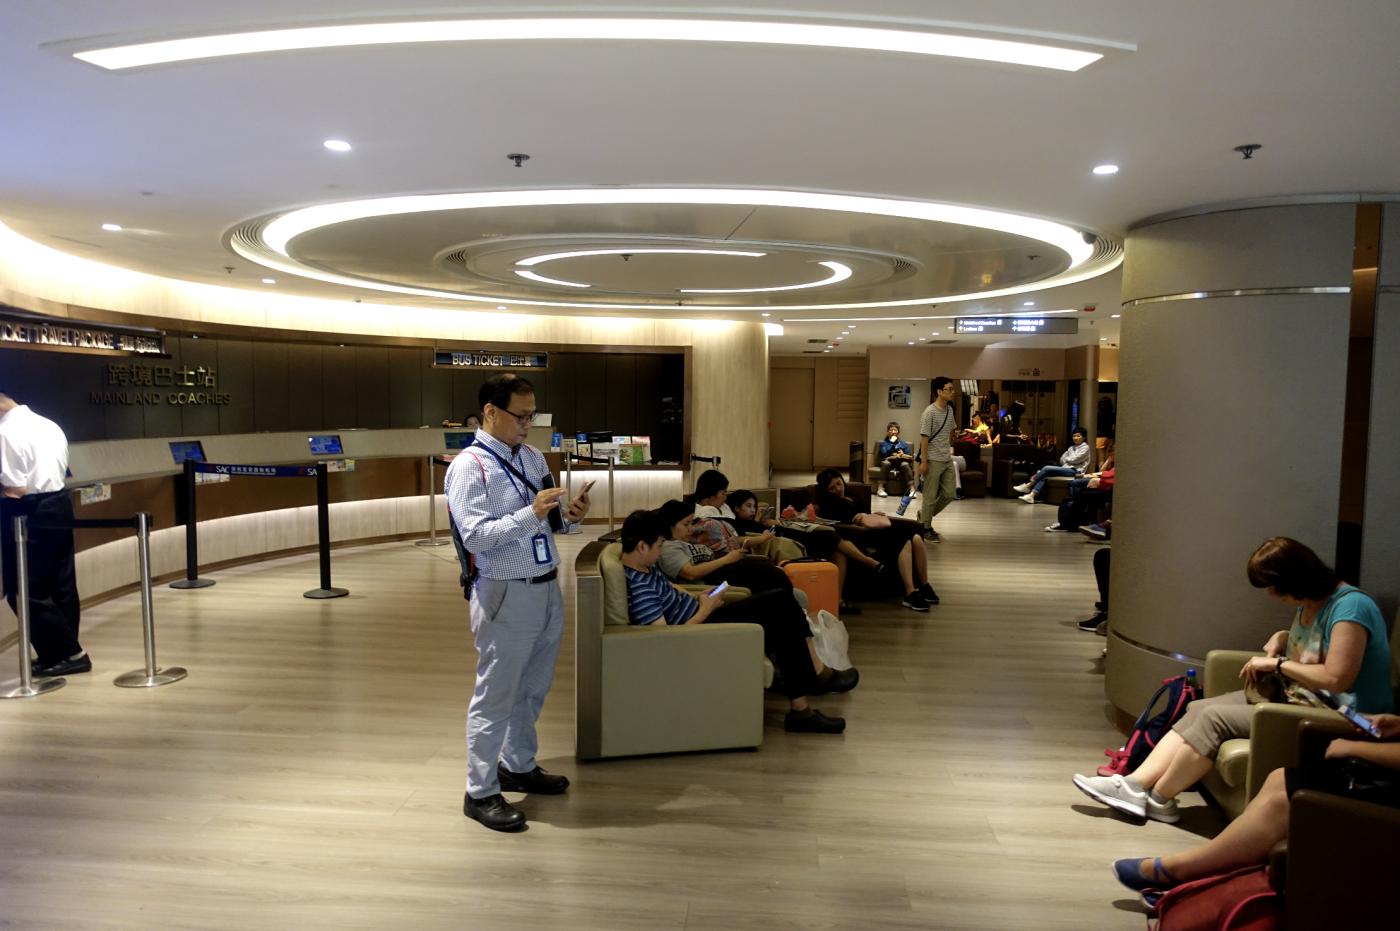 香港印象:高度商业化、整洁、有序_图1-9